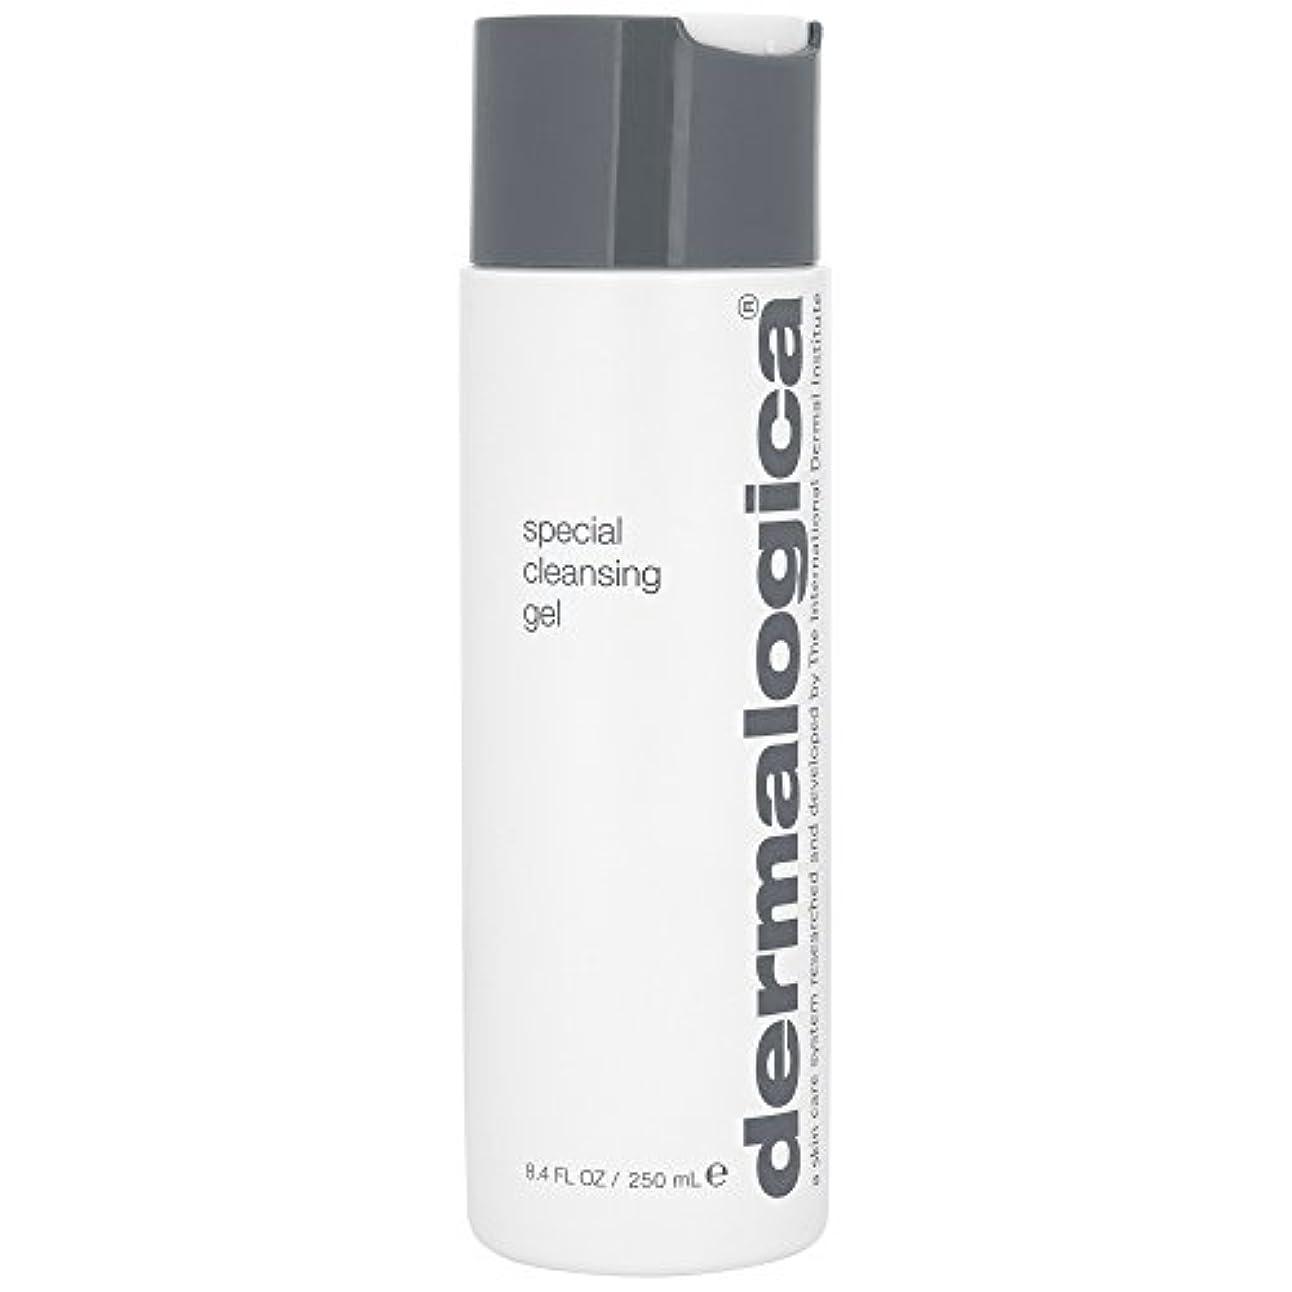 余暇バナー眠いですダーマロジカ特別なクレンジングゲル250ミリリットル (Dermalogica) (x2) - Dermalogica Special Cleansing Gel 250ml (Pack of 2) [並行輸入品]